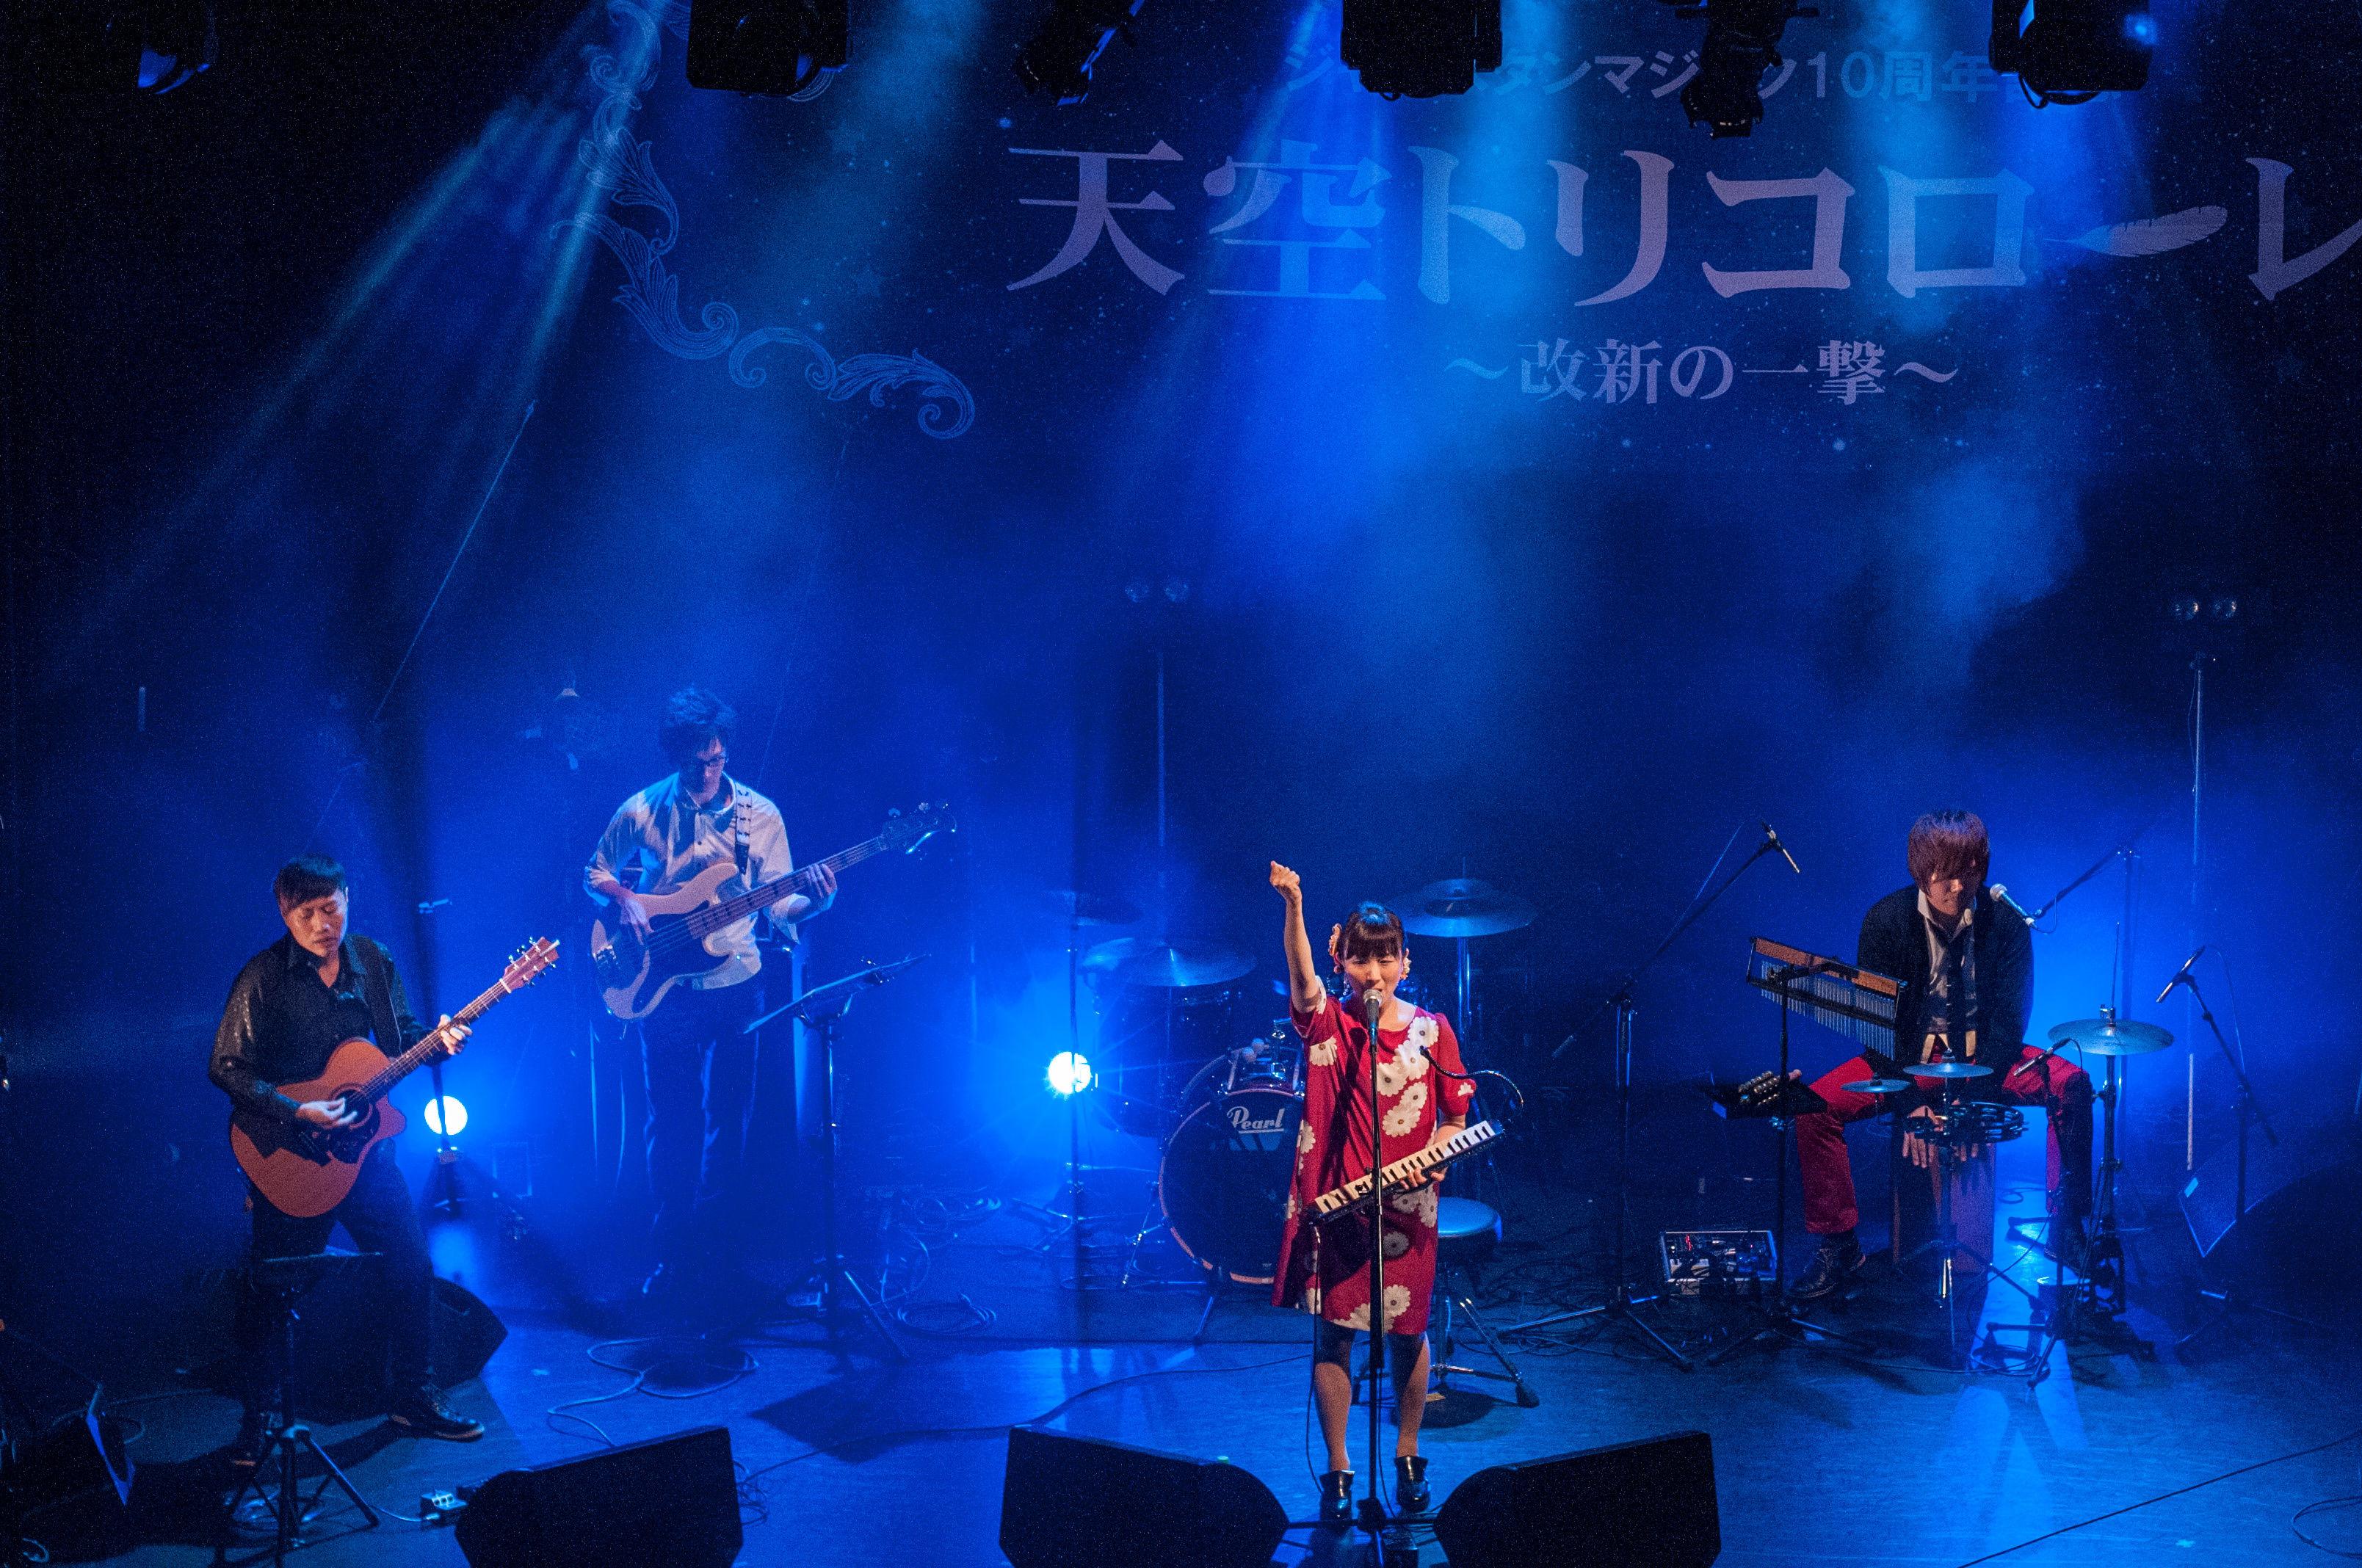 12/14マウントレーニアホール渋谷『天空トリコローレ~改新の一撃~』Blu-ray